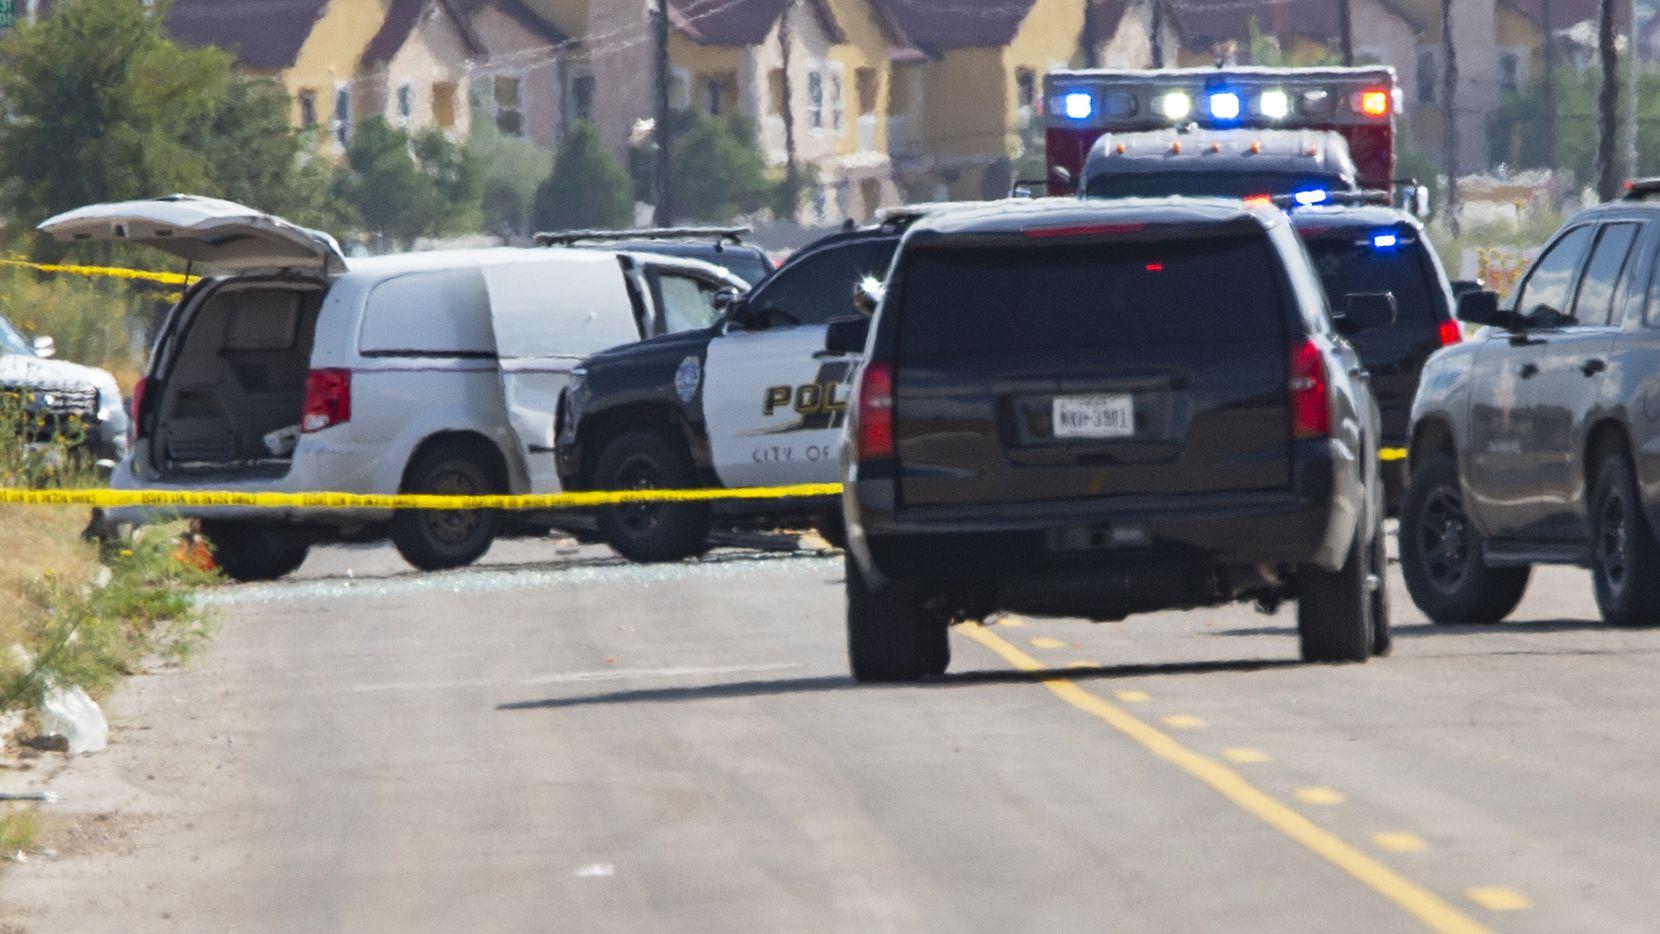 Agentes de policía y del sherif de de Odessa y Midland acordonan una van blanca. Vía MIDLAND REPORTER-TELEGRAM